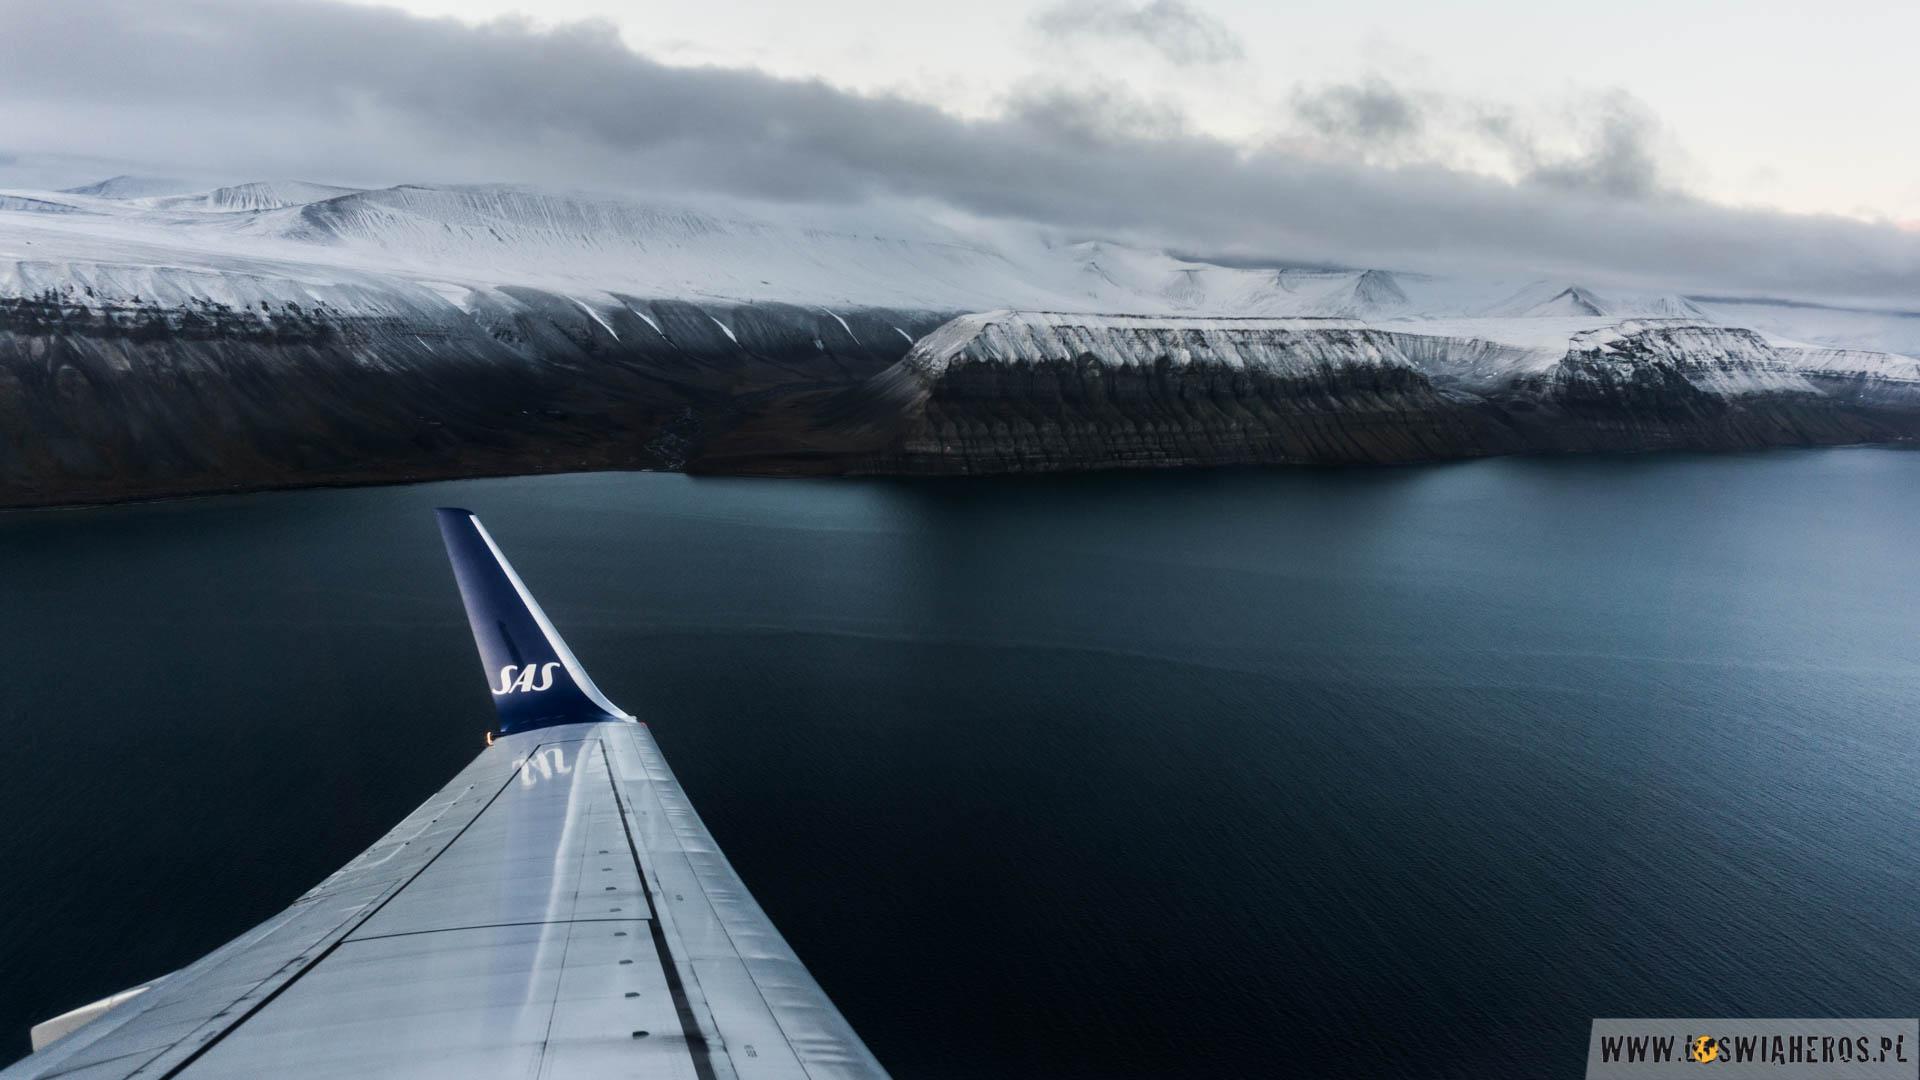 Wylatując, na Spitsbergenie nastała już zima. Było poniżej zera, padał śnieg. Tydzień później, cała wyspa była pokryta śniegiem. Lato, jesień i zima przenikały się dosłownie przez dwa tygodnie. Nigdy wcześniej czegoś takiego nie widzieliśmy. Dla nas to zdecydowanie magiczne miejsce.